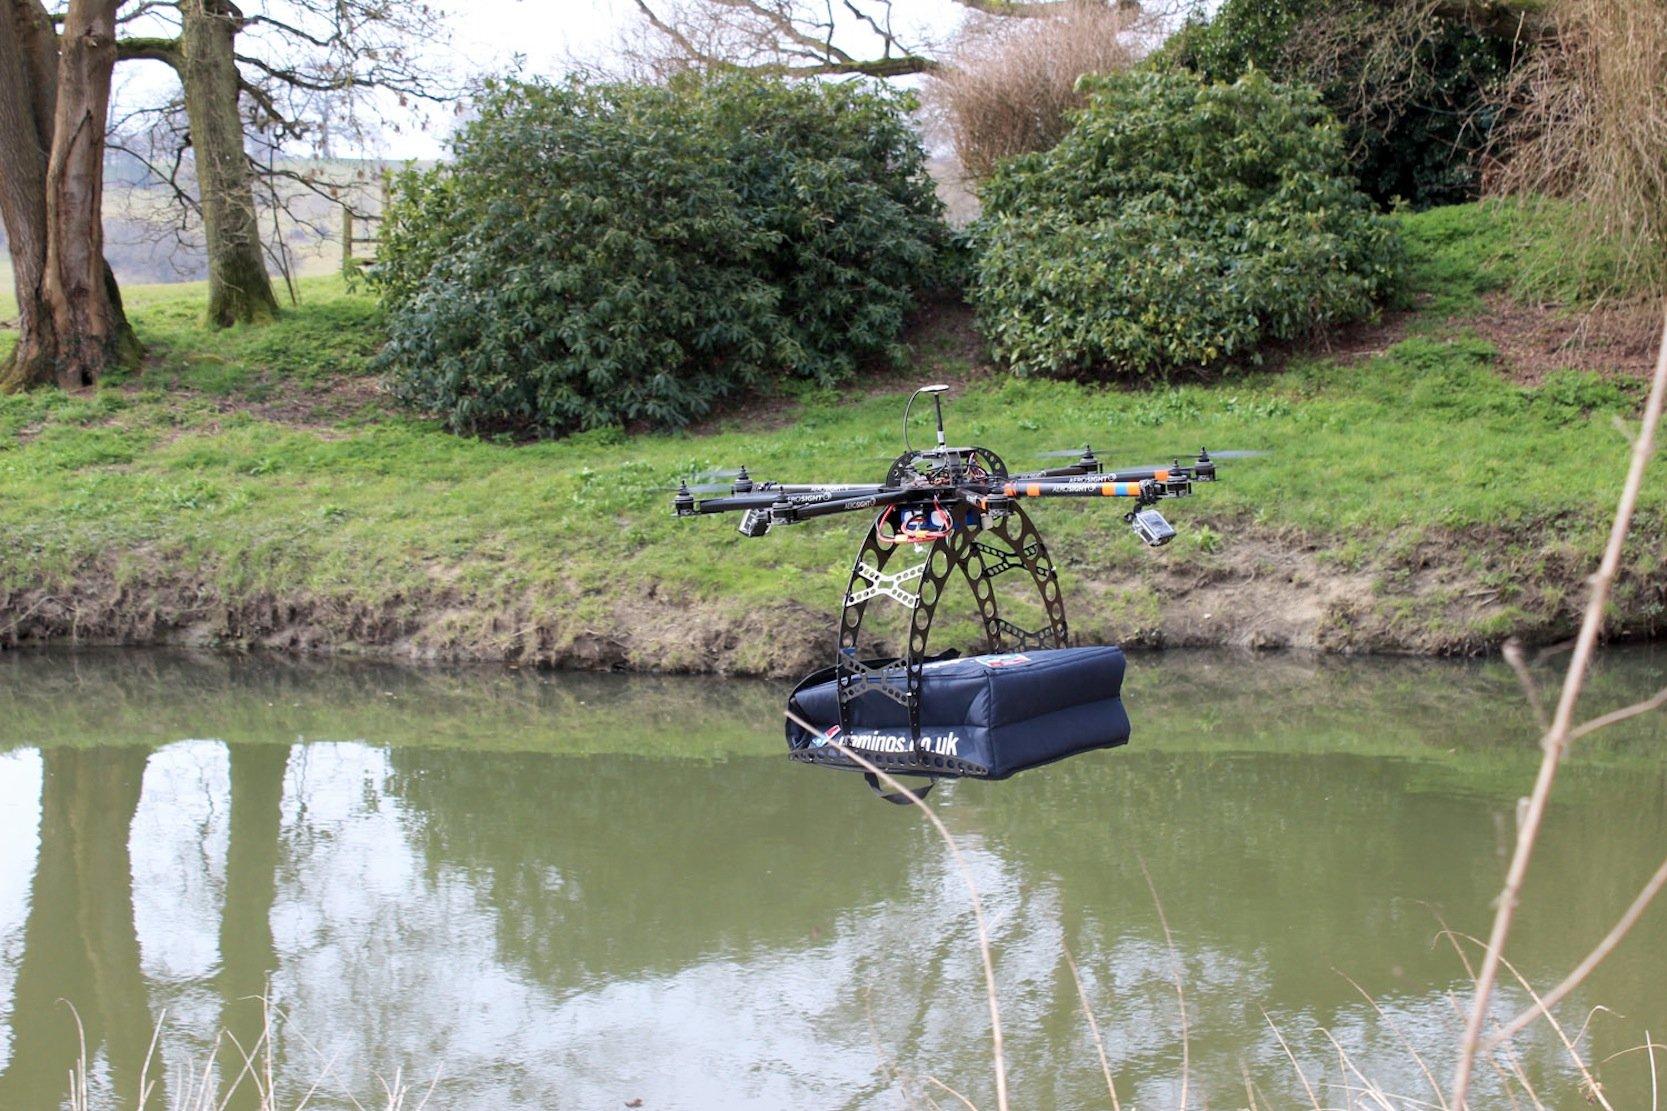 In Neuseeland hatDomino's auch schon die Zustellung von Pizzen per Drohne ausprobiert.